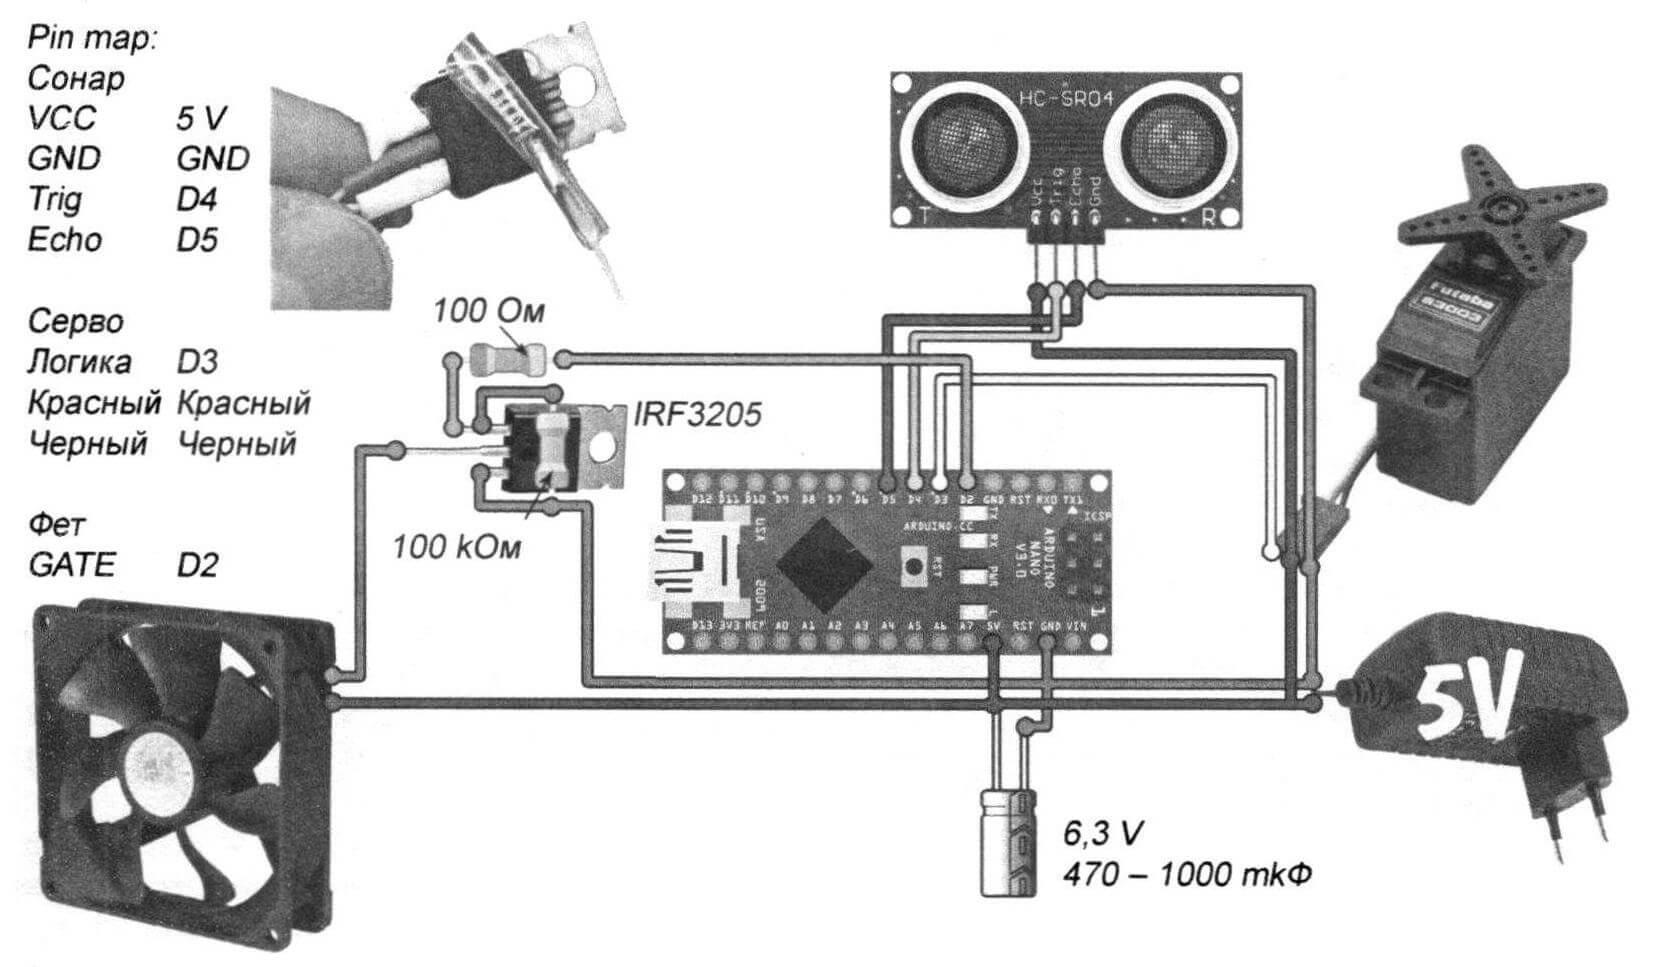 Схема подключения элементов самонаводяшегося вентилятора (базовая версия с одним датчиком)